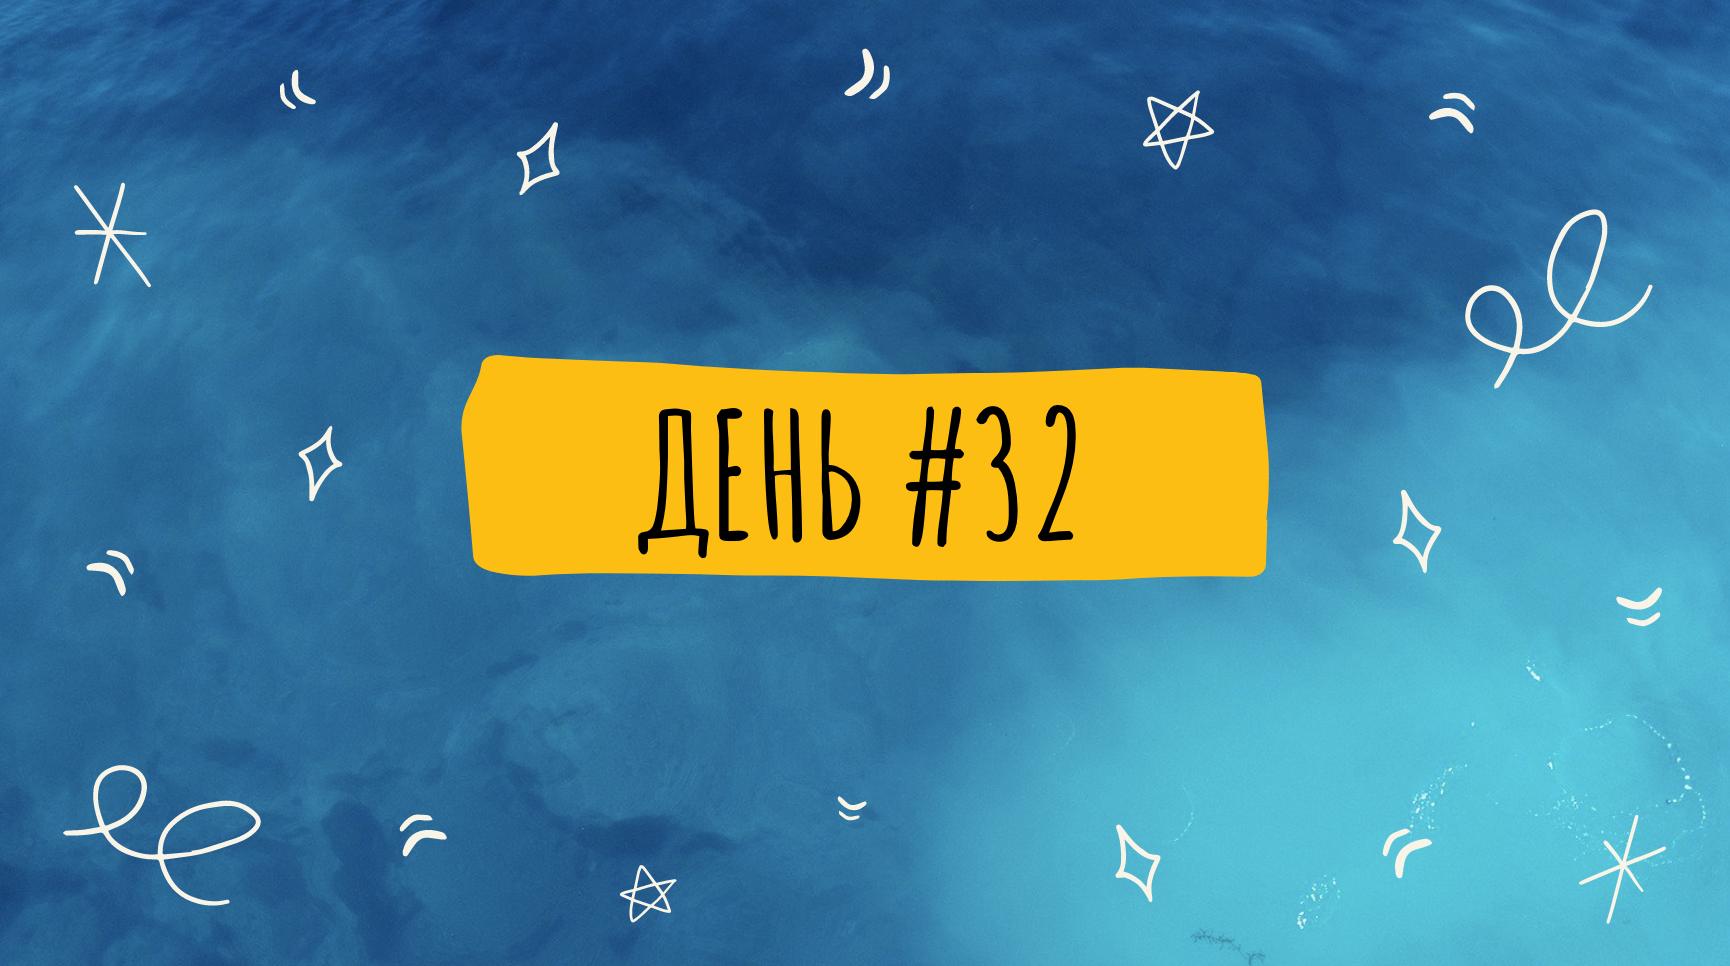 День #32